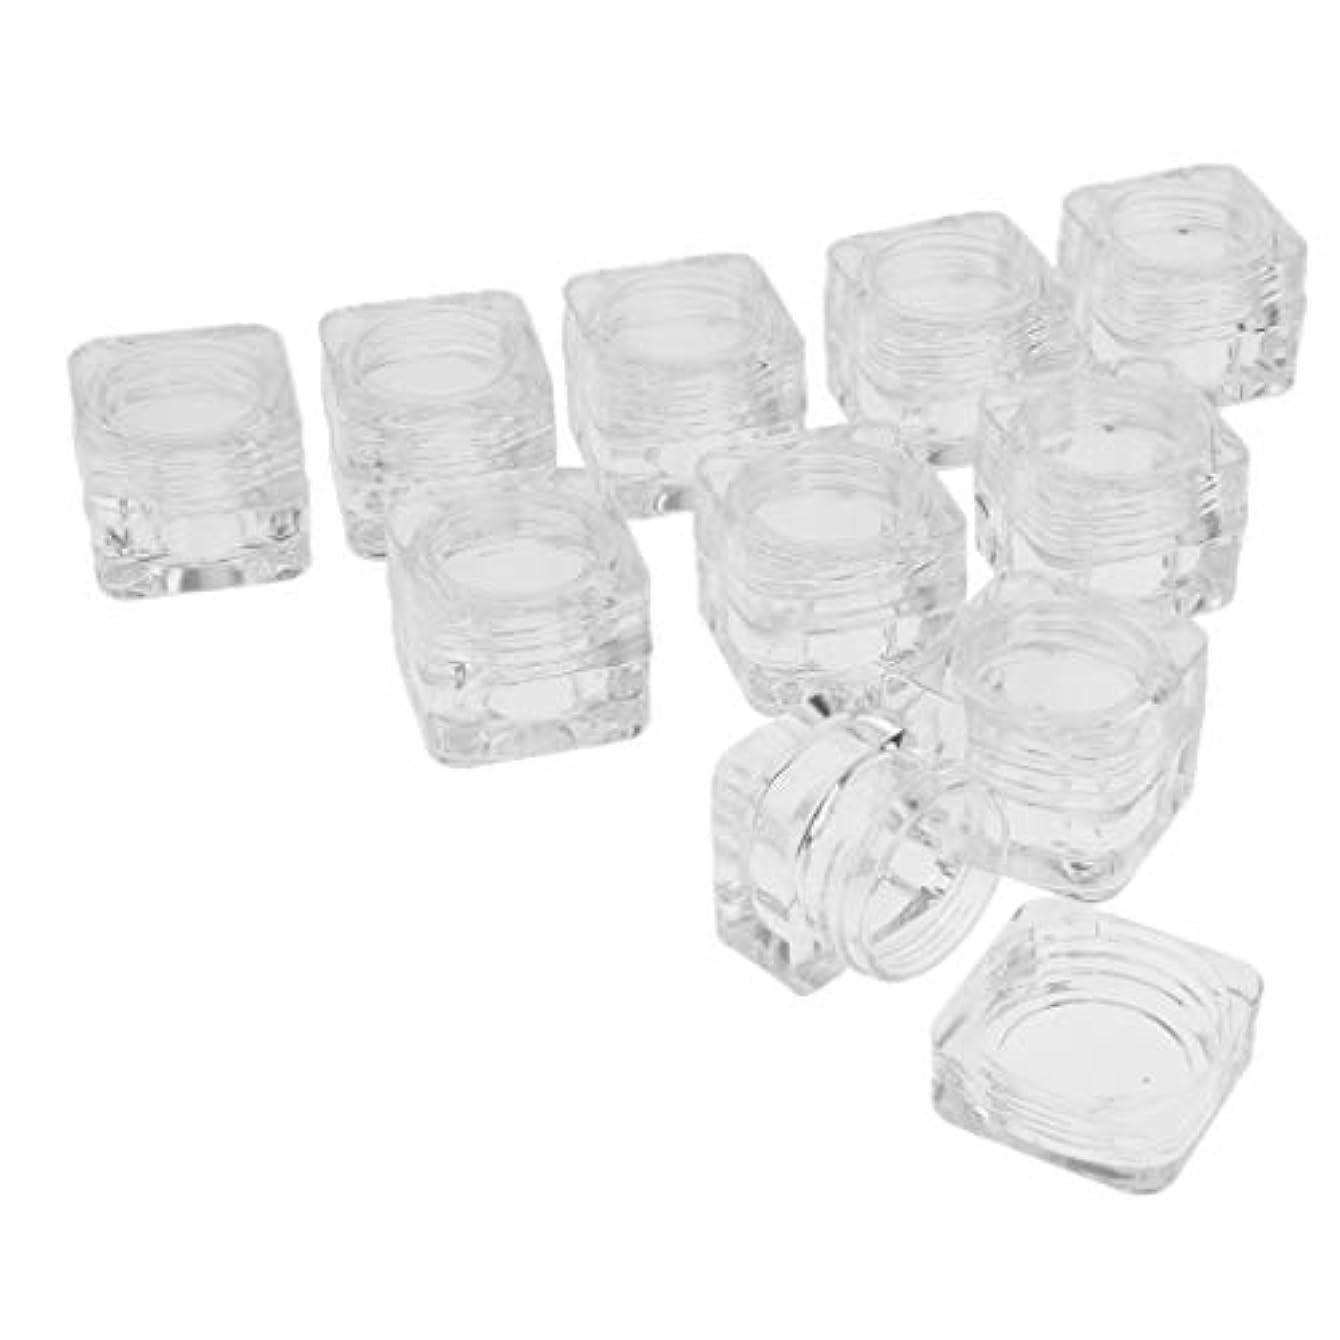 不正直香ばしいバストPerfeclan 10個 プラスチックジャー コスメ 収納ケース 透明 クリームジャー リップクリームコンテナ